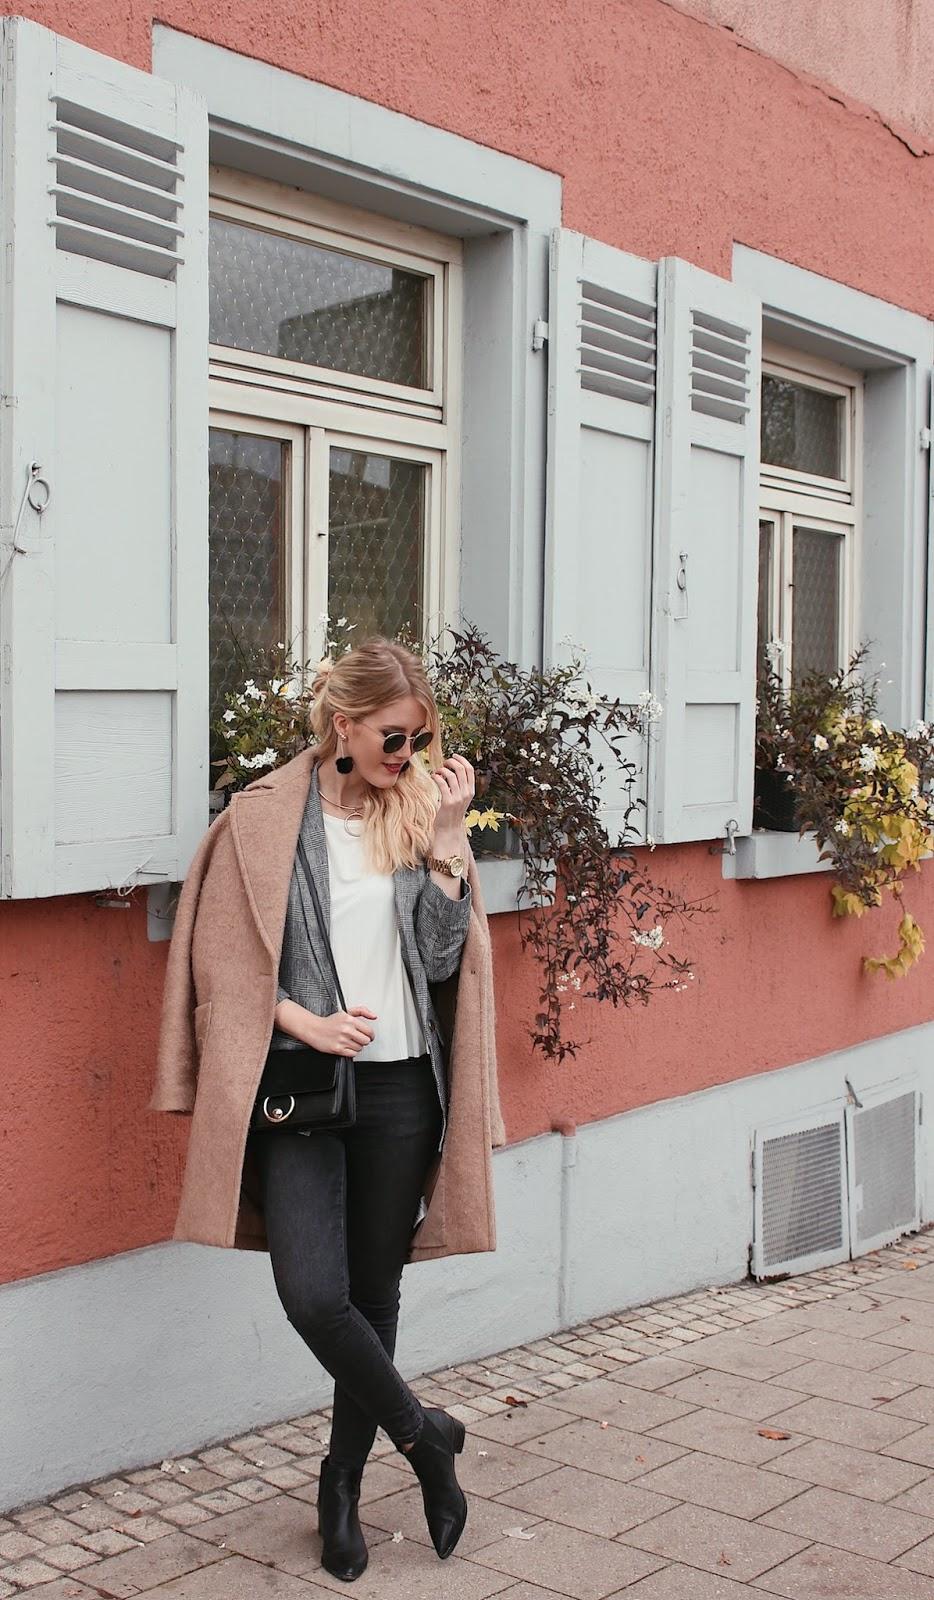 Einfaches Kombinieren mit Basics - beiger Mantel und dunkelgrauer Denim in zwei Looks mit kariertem Blazer und Chloé Drew Strickmantel Karoblazer Trend Fashionblog Stuttgart